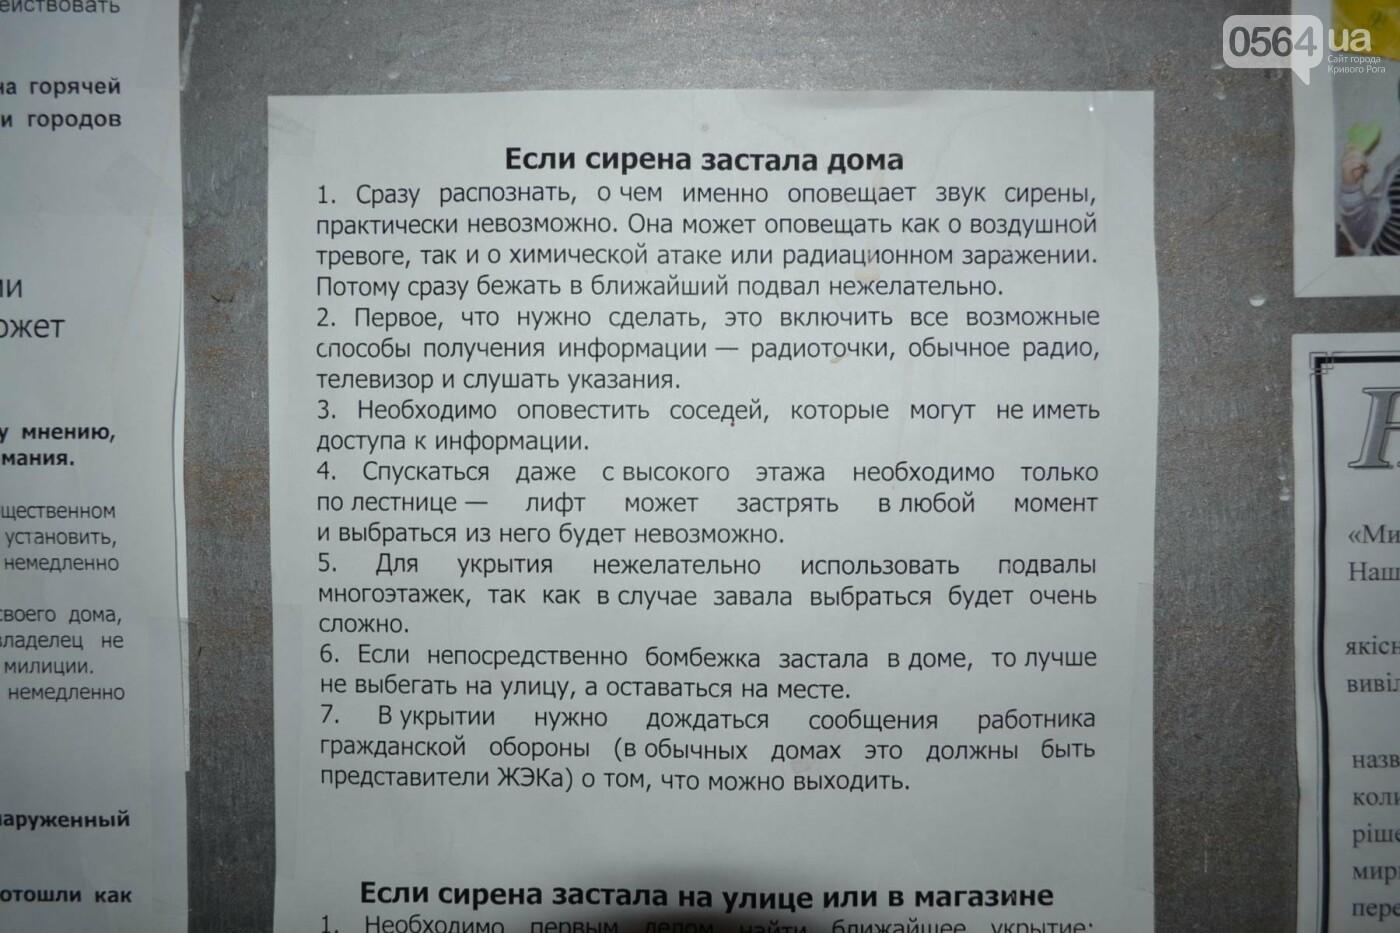 В школе Кривого Рога ремонтируют пол 5-копеечными монетами, - ФОТО, фото-13